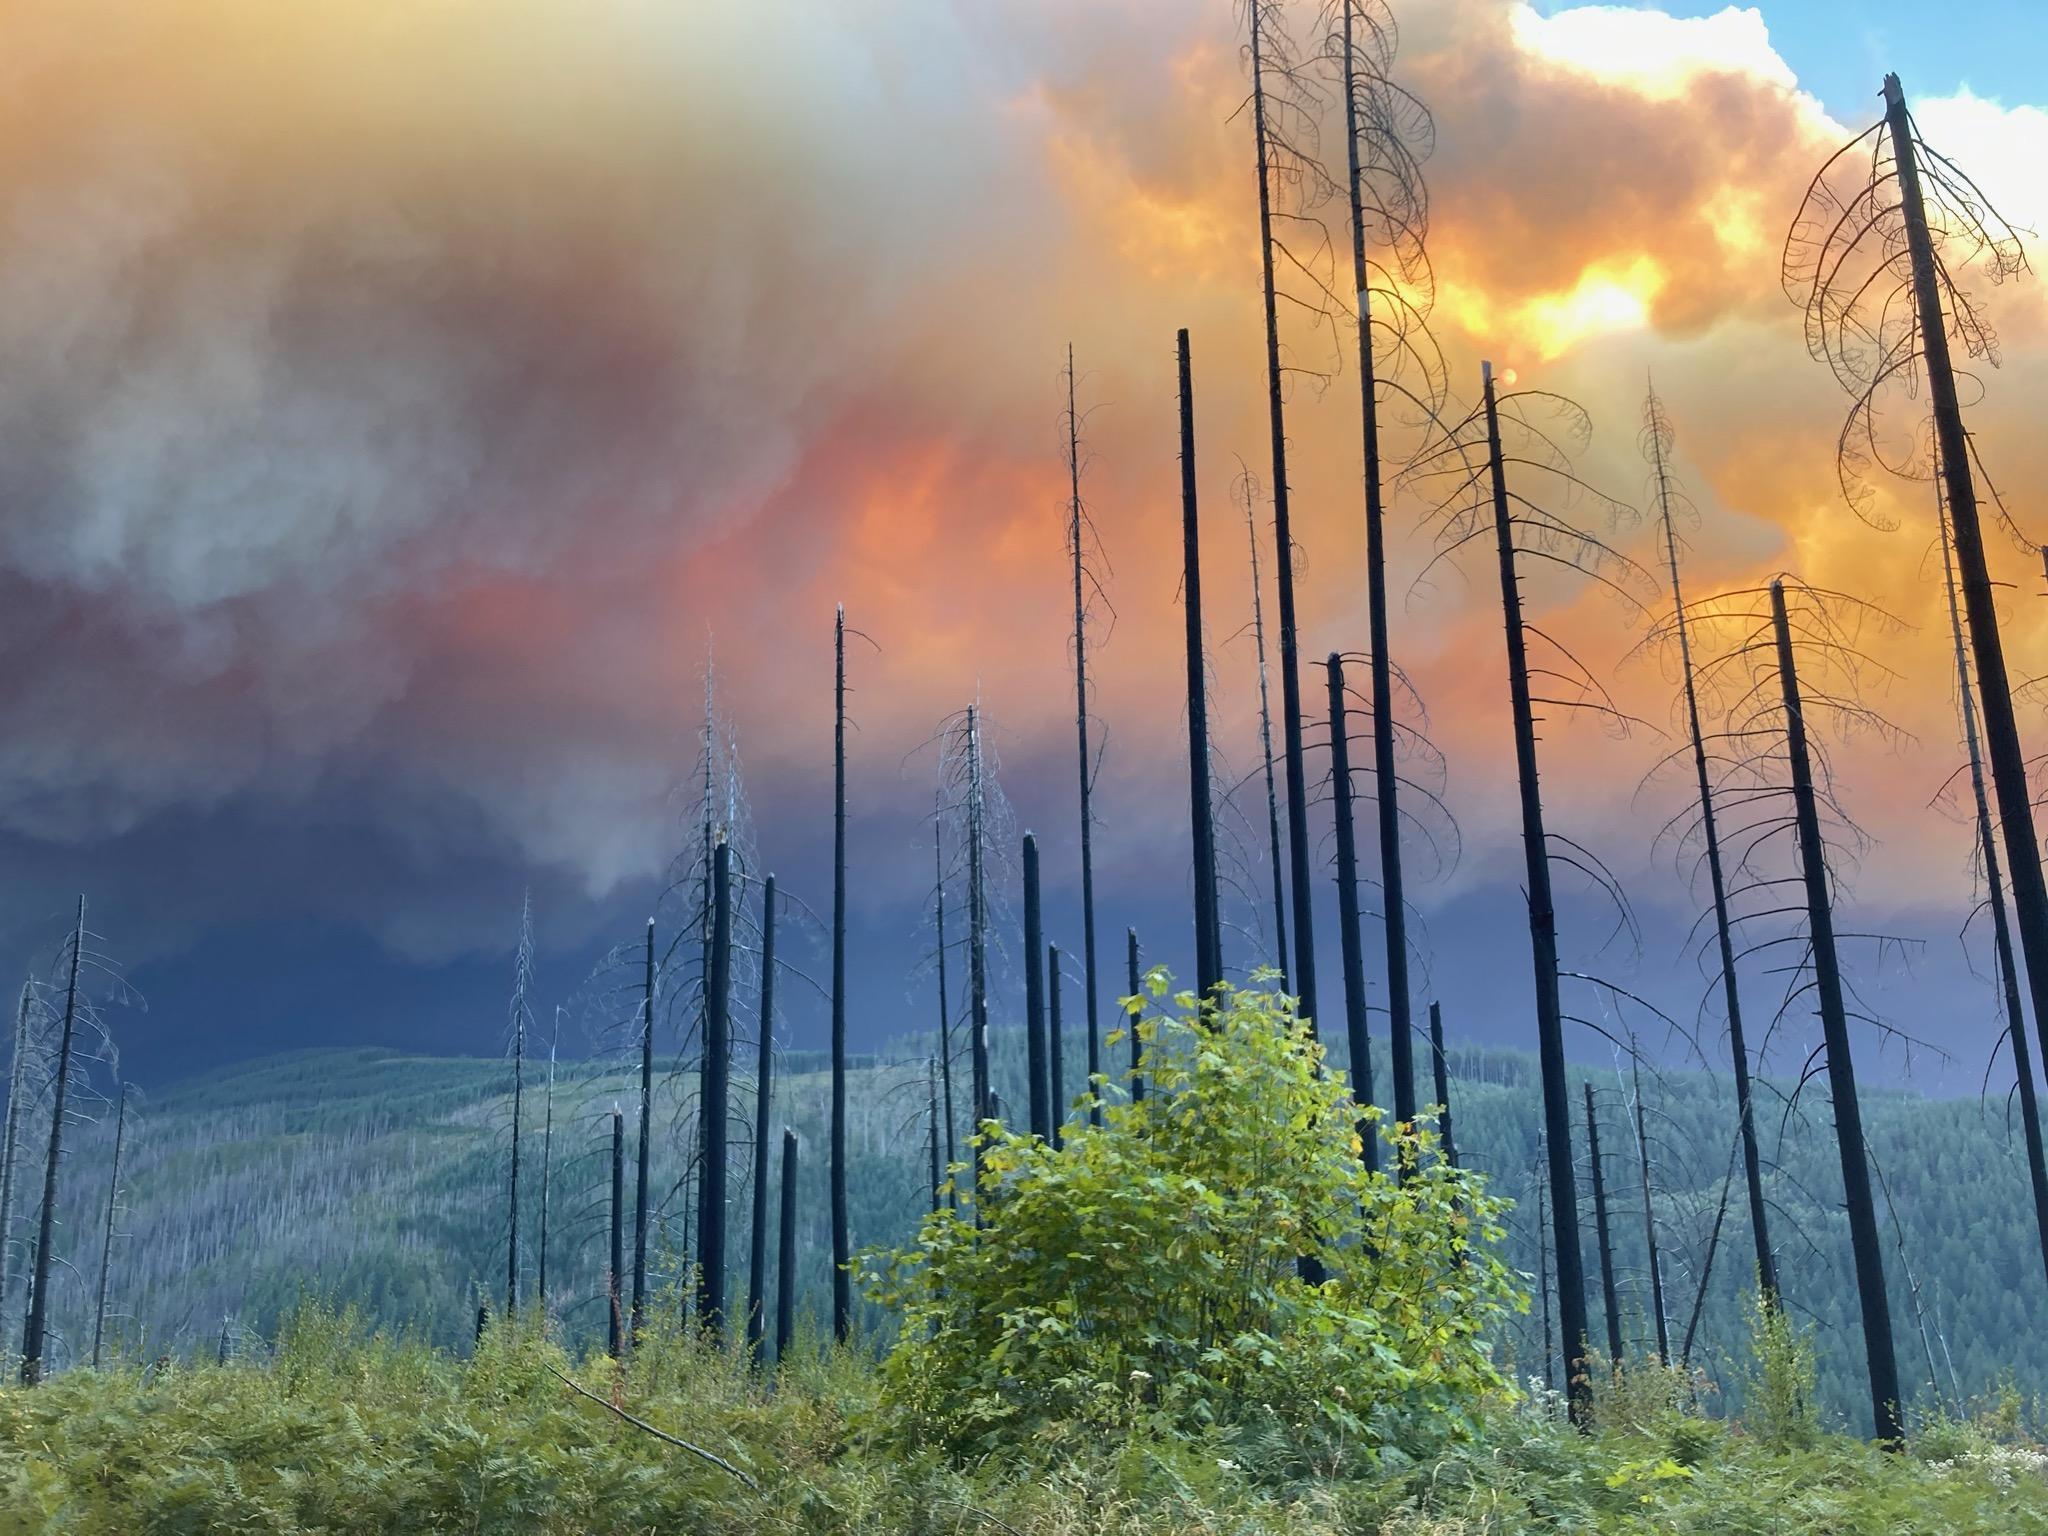 Riverside Fire from La Dee Flats in September 2020.